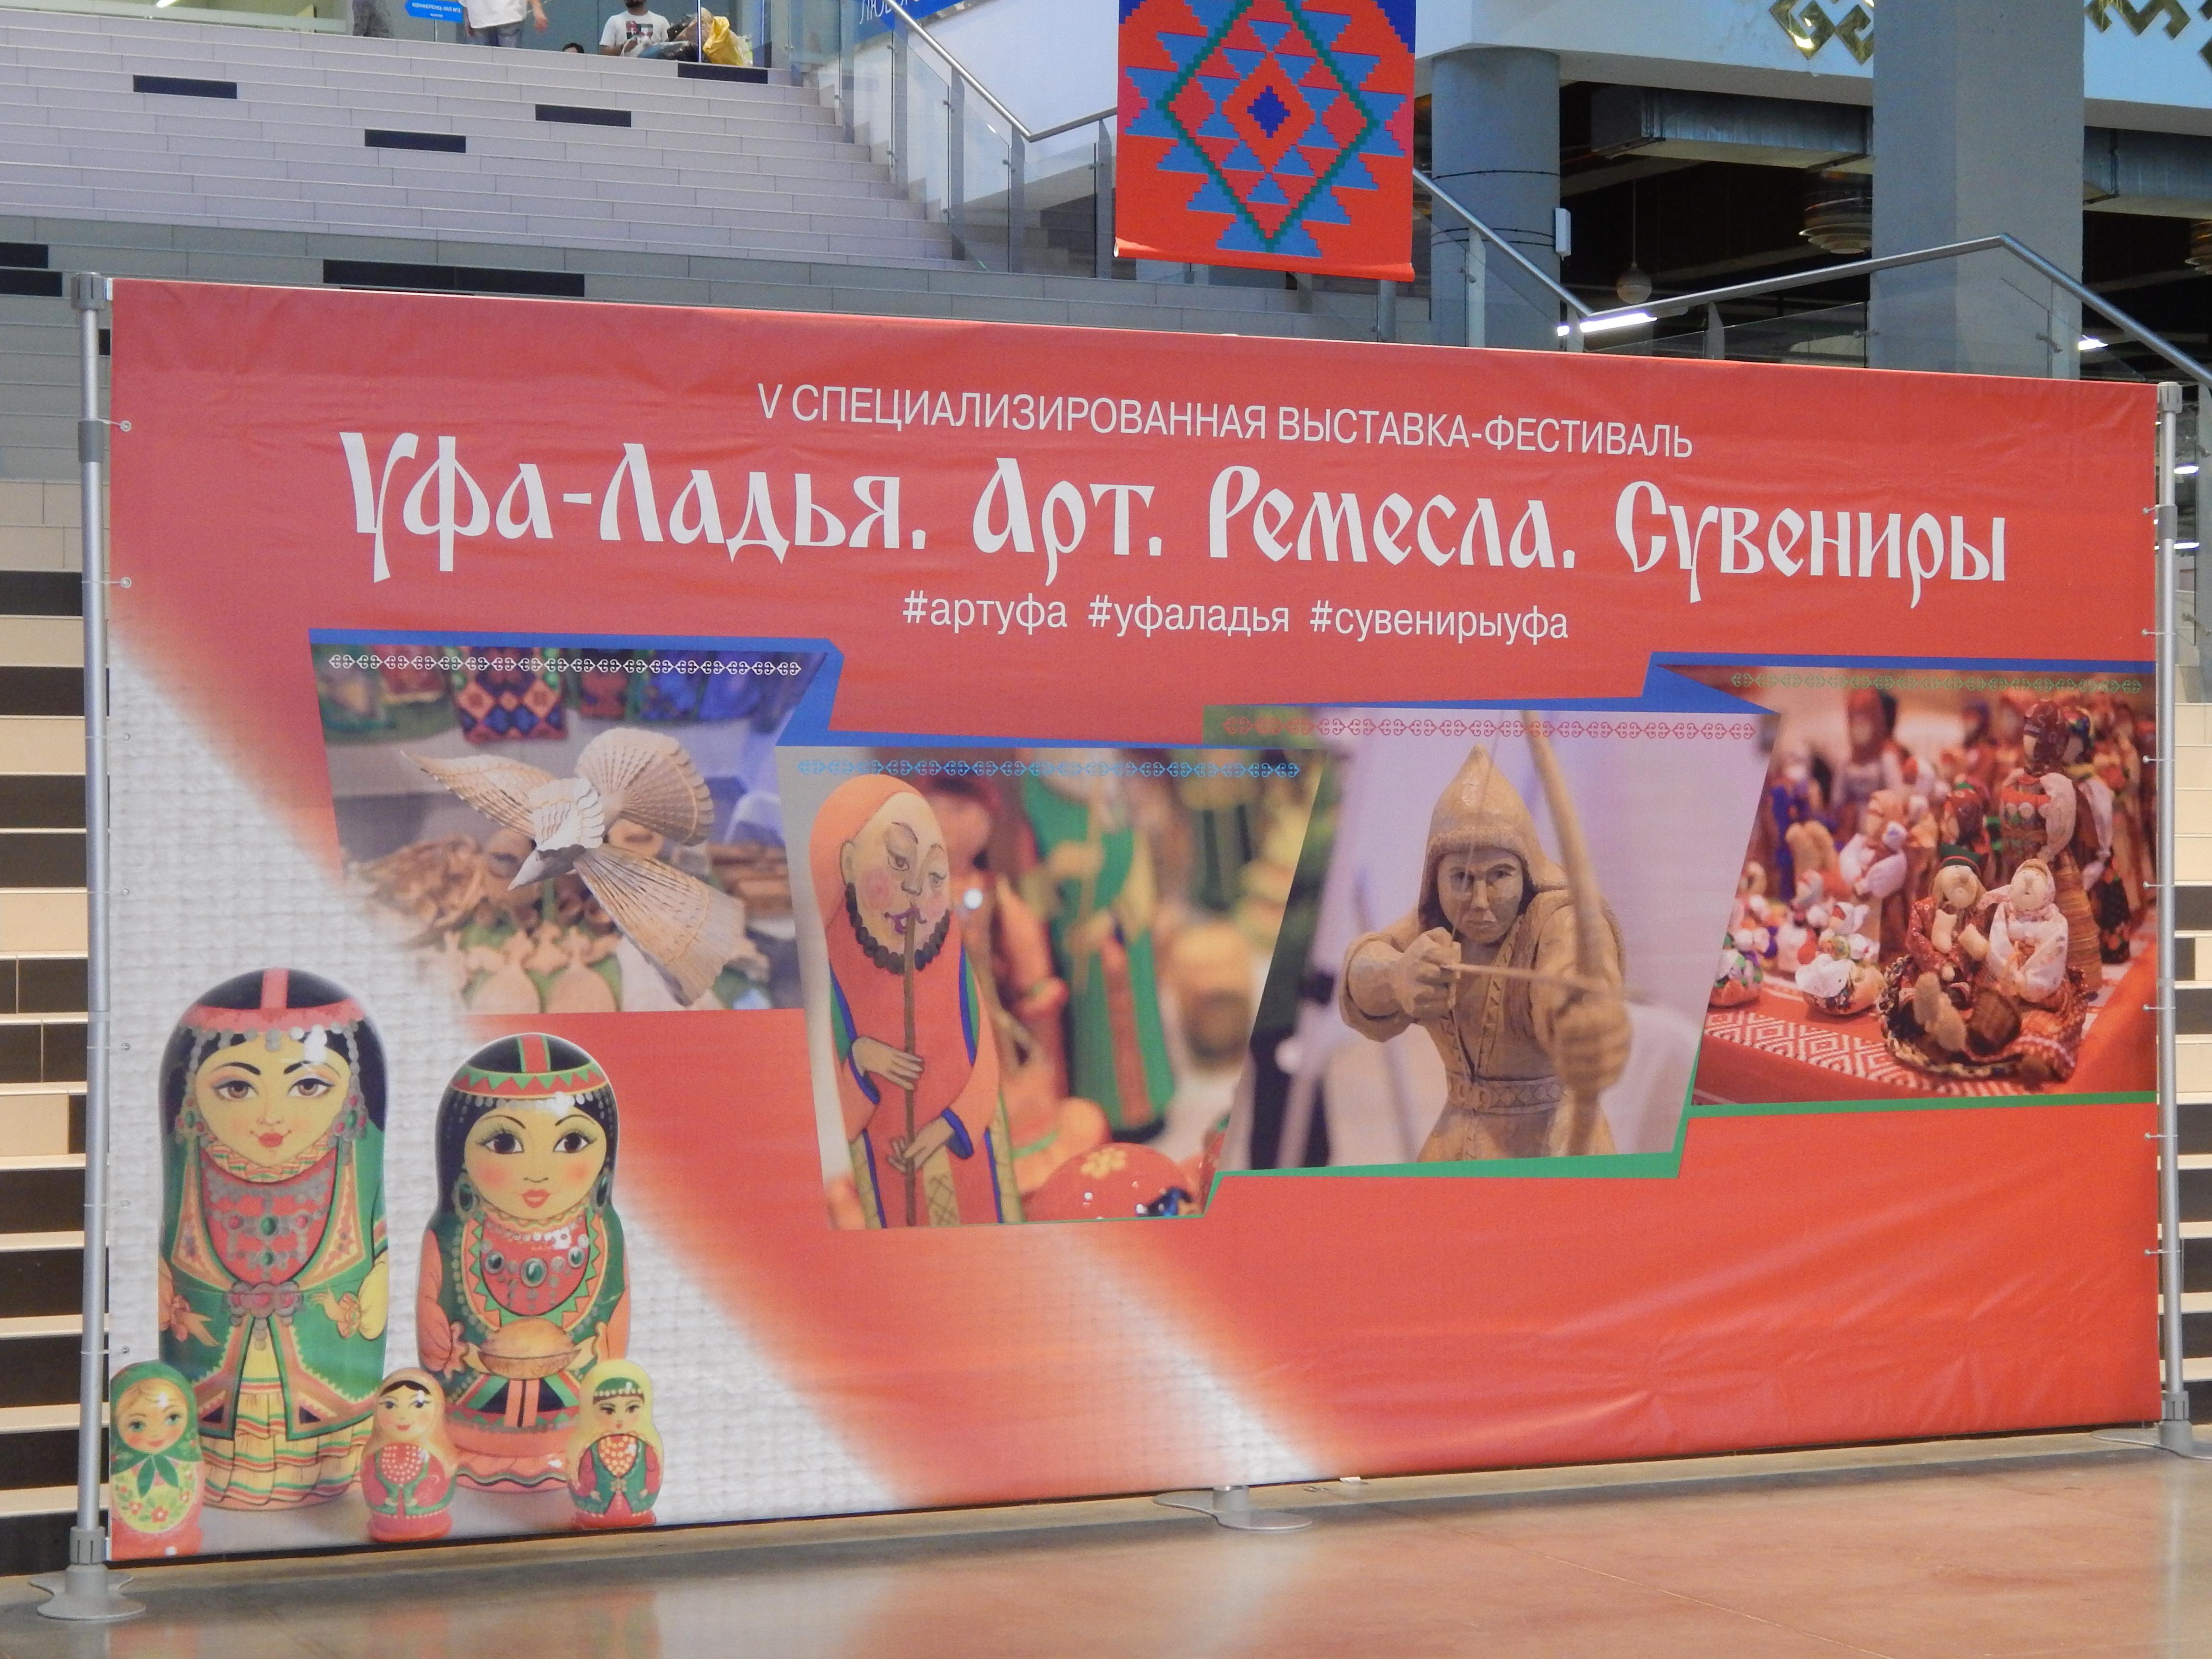 Выставка Уфа -Ладья